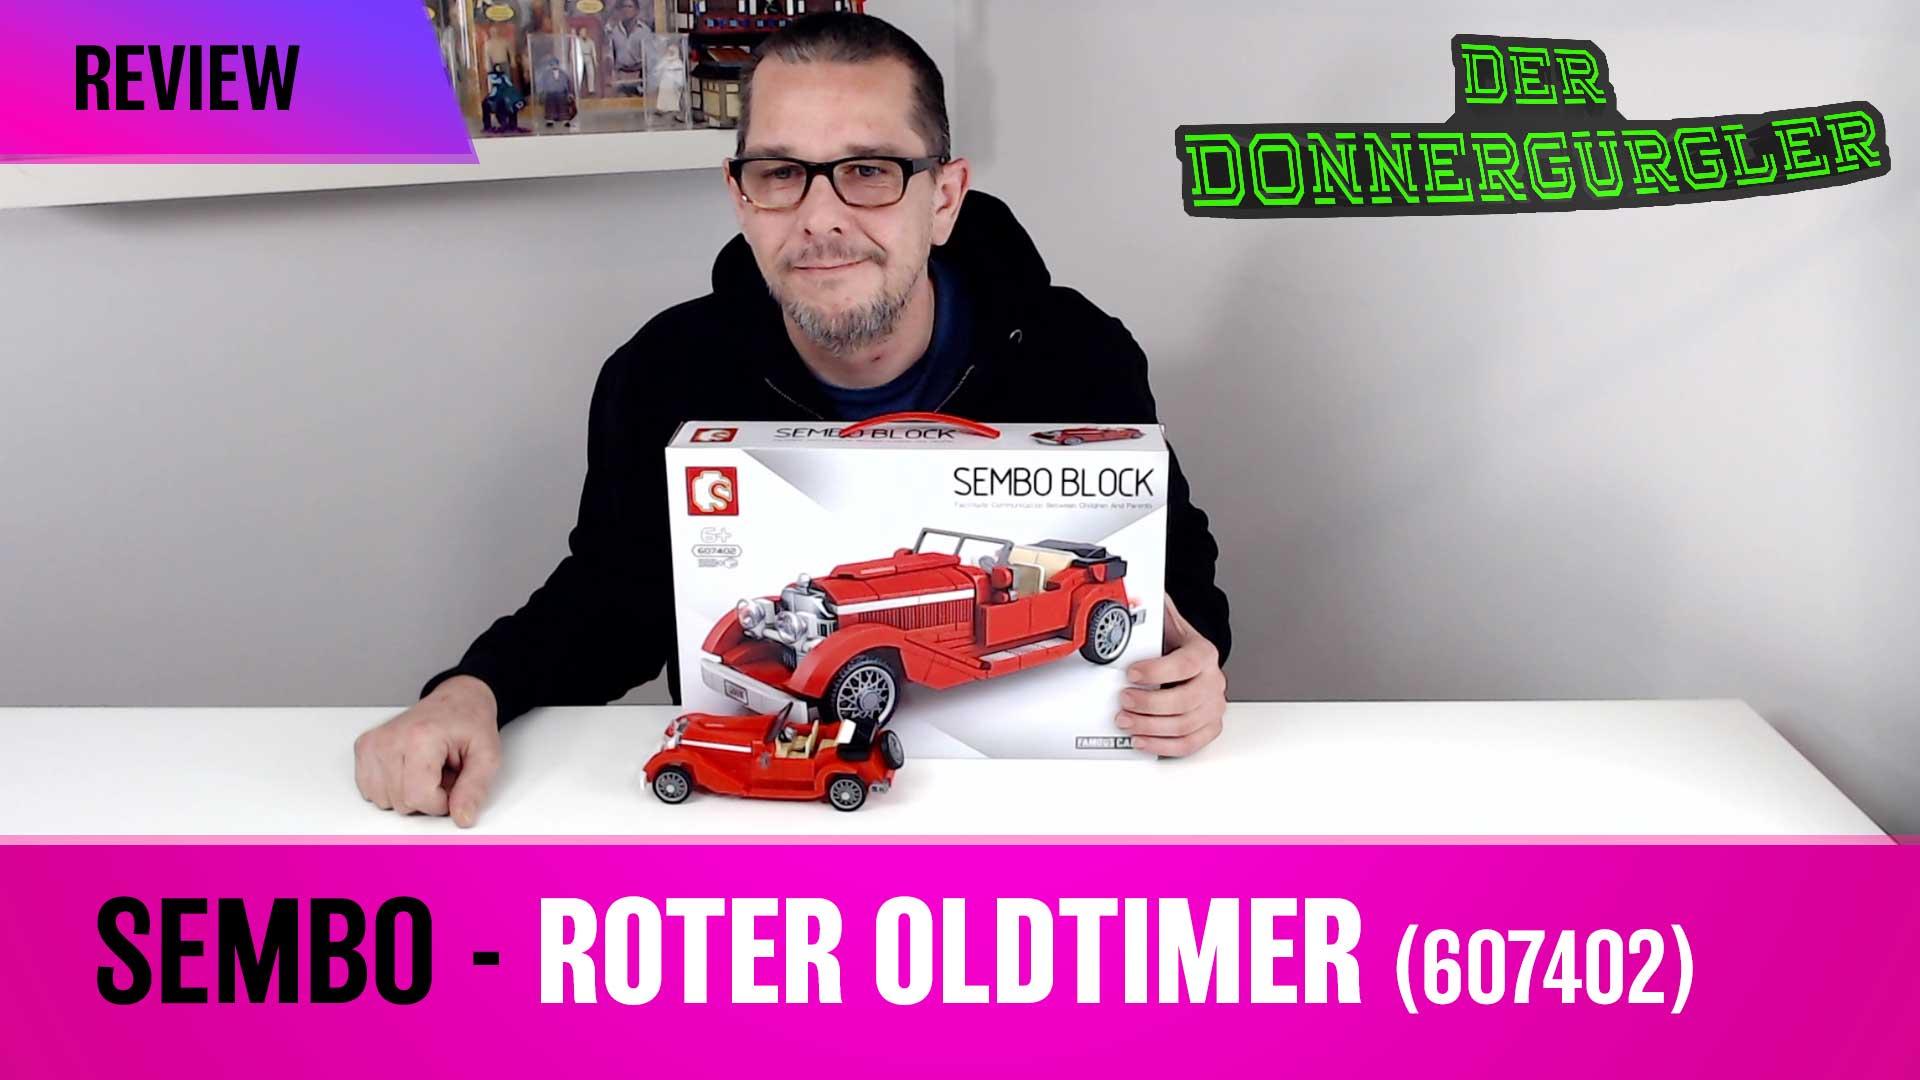 Sembo Set - Roter Oldtimer (607402)